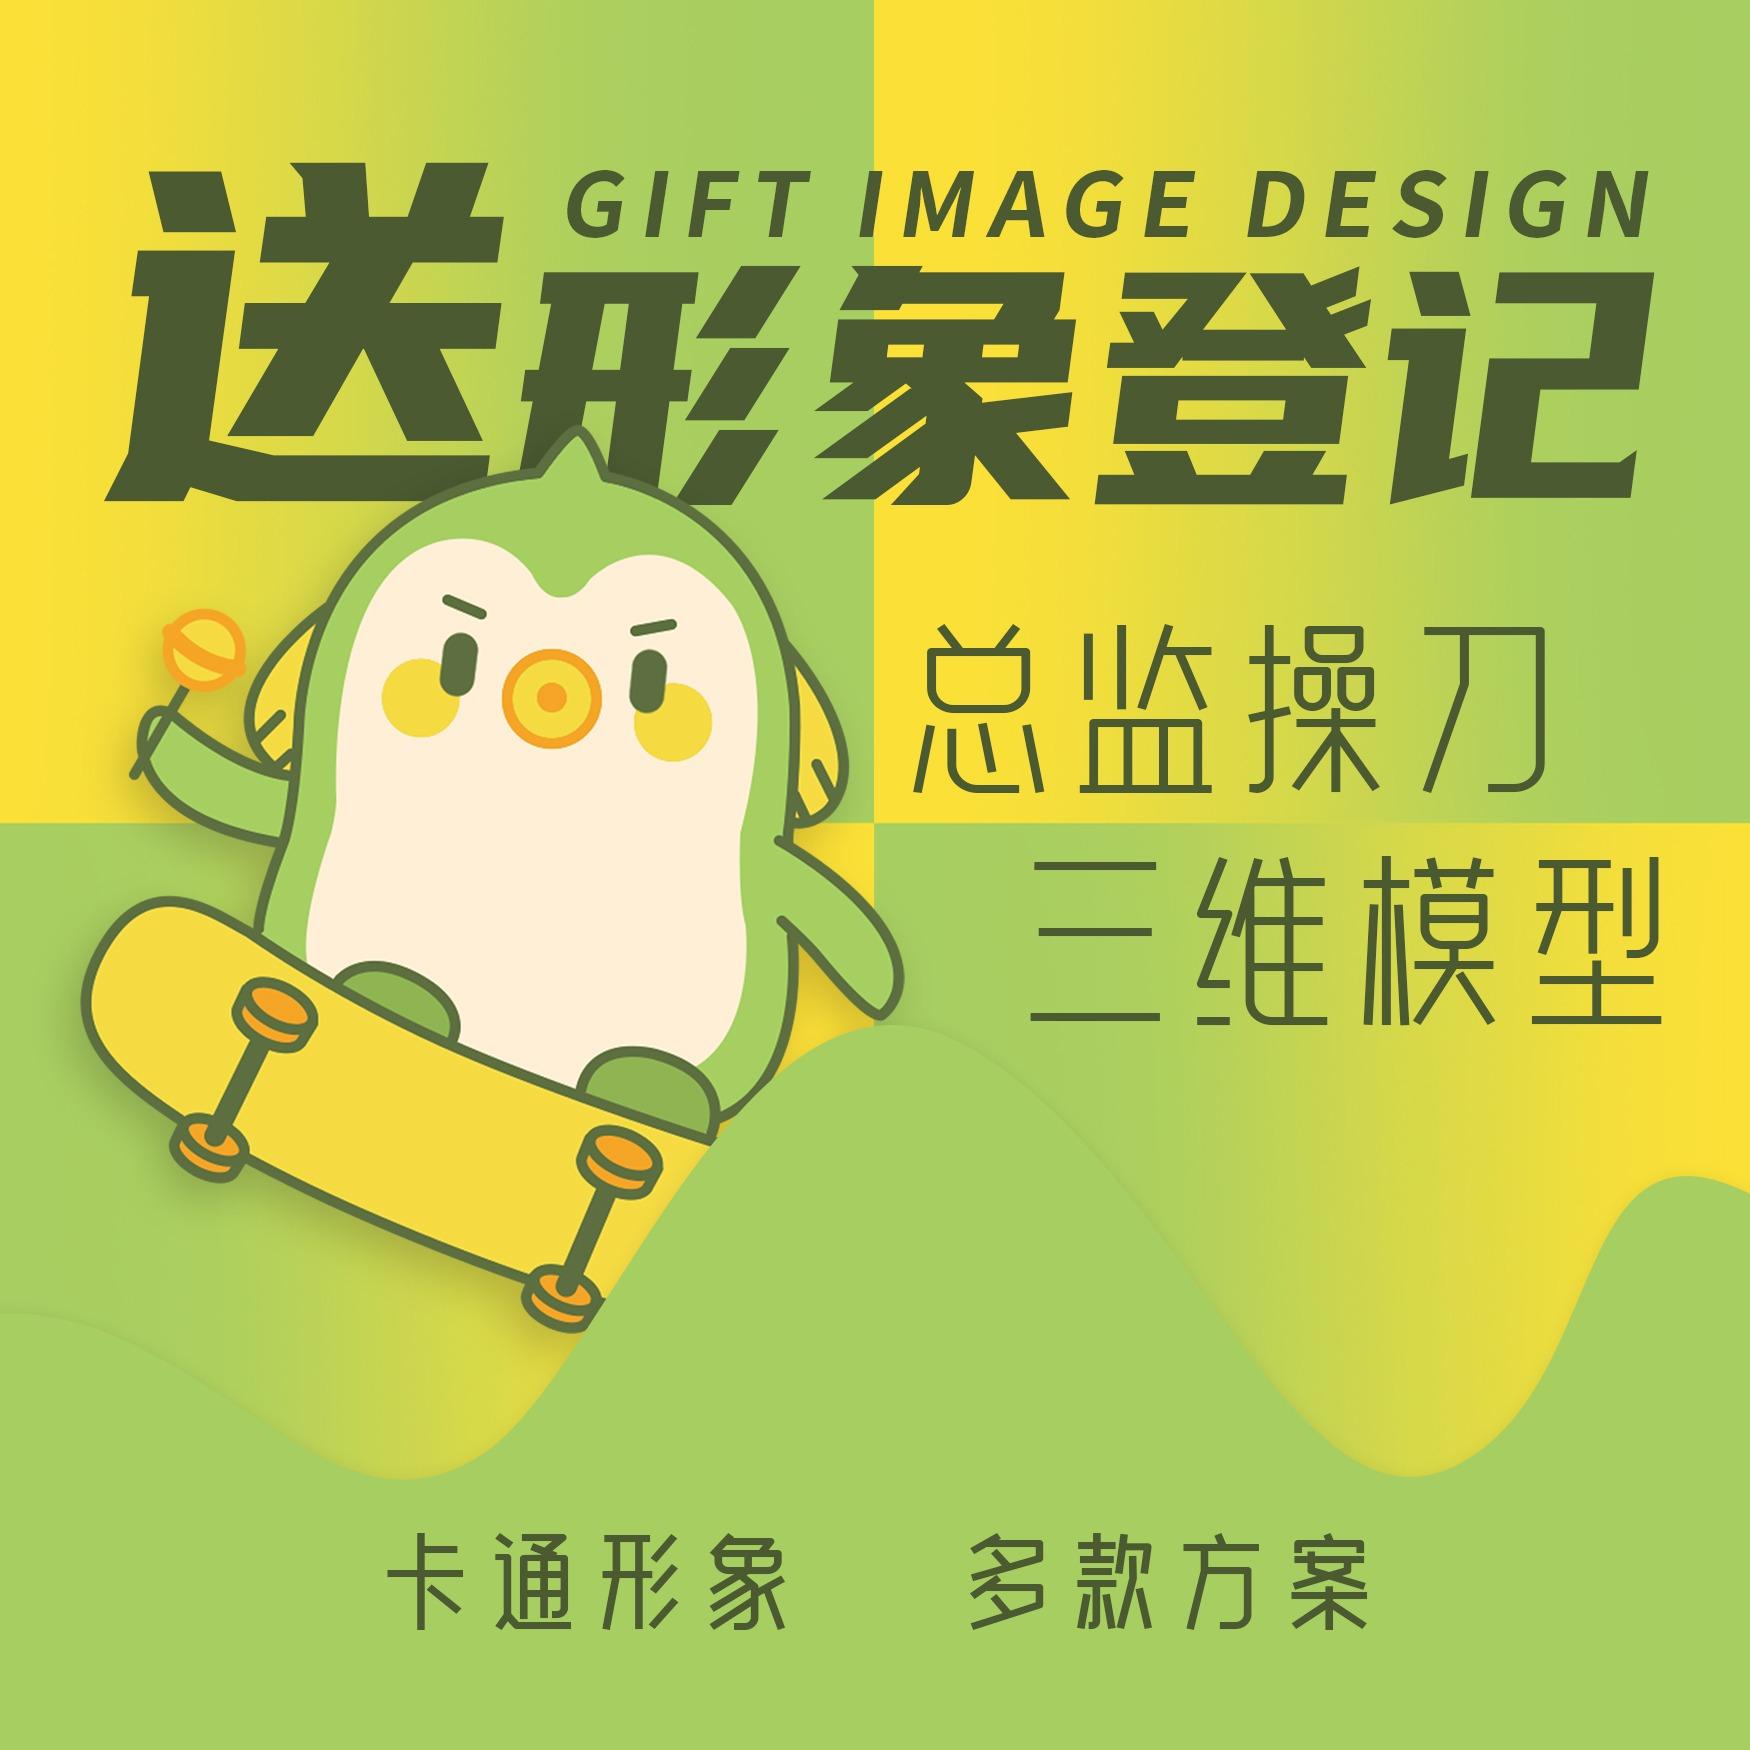 【主管】卡通形象设计吉祥物插画微信表情包卡通公司logo手绘